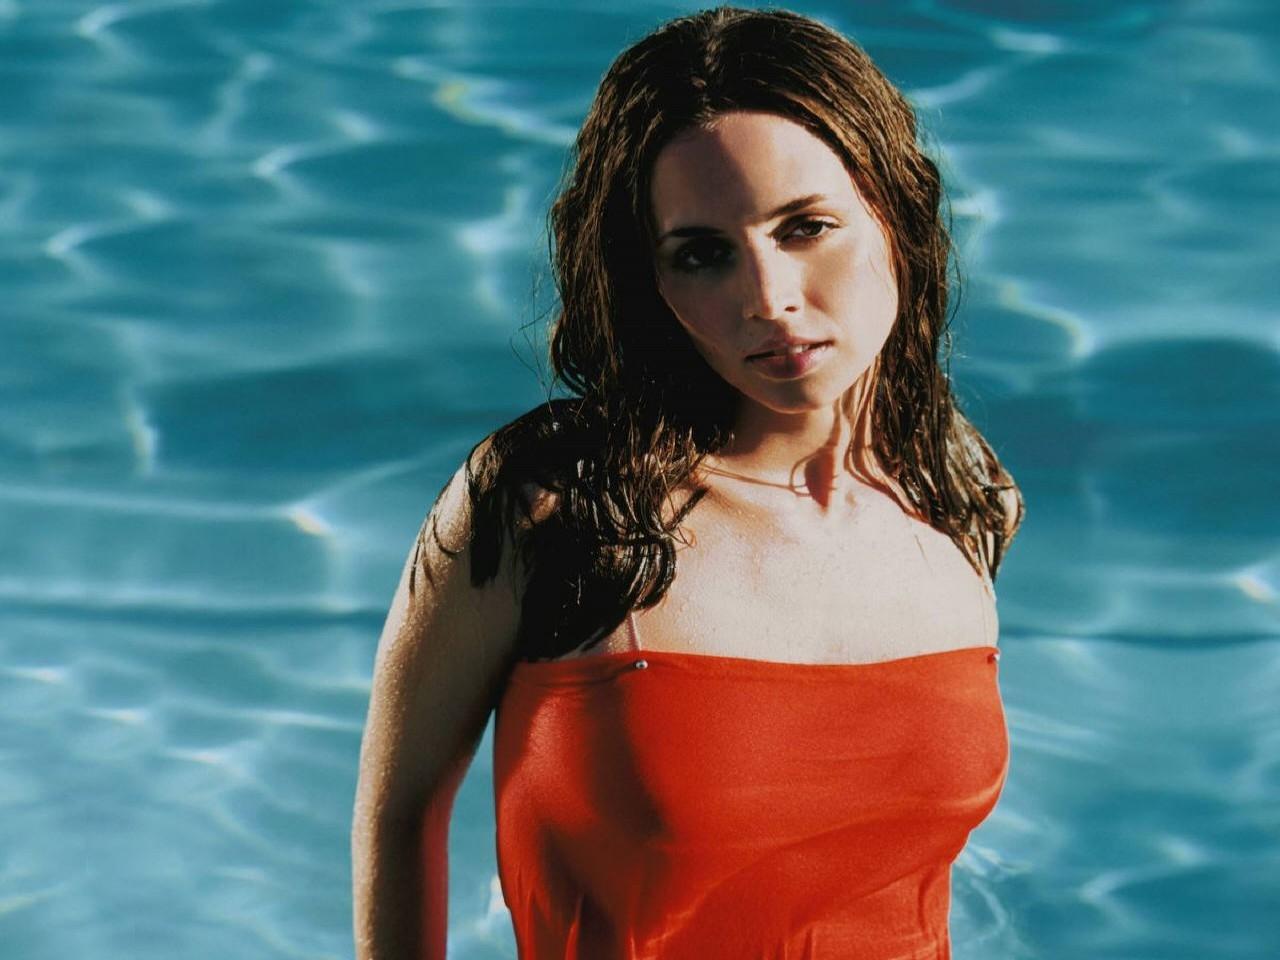 Wallpaper di Eliza Dushku in piscina